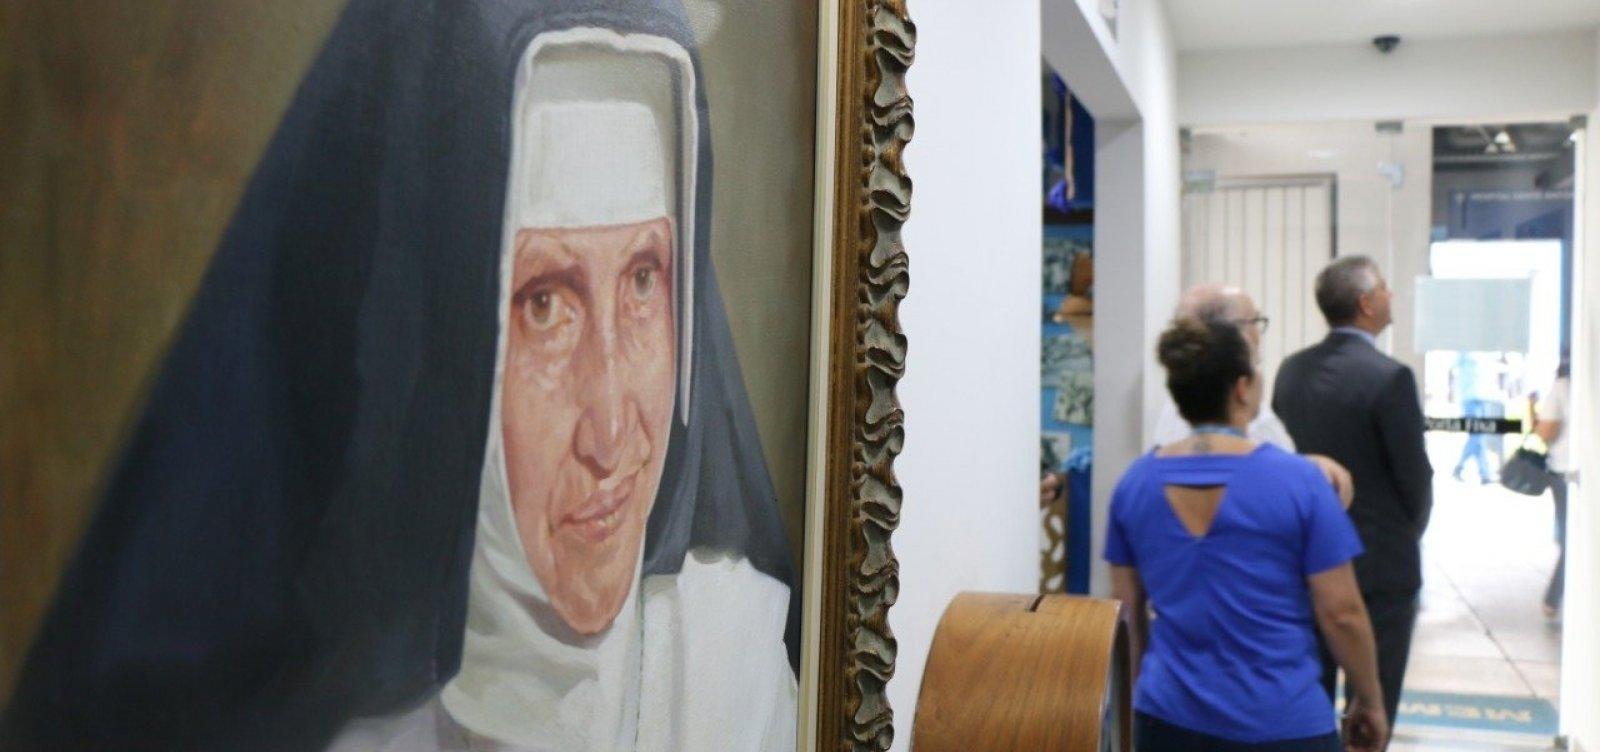 Festa da Canonização de Santa Dulce dos Pobres terá apoio de 700 policiais e bombeiros